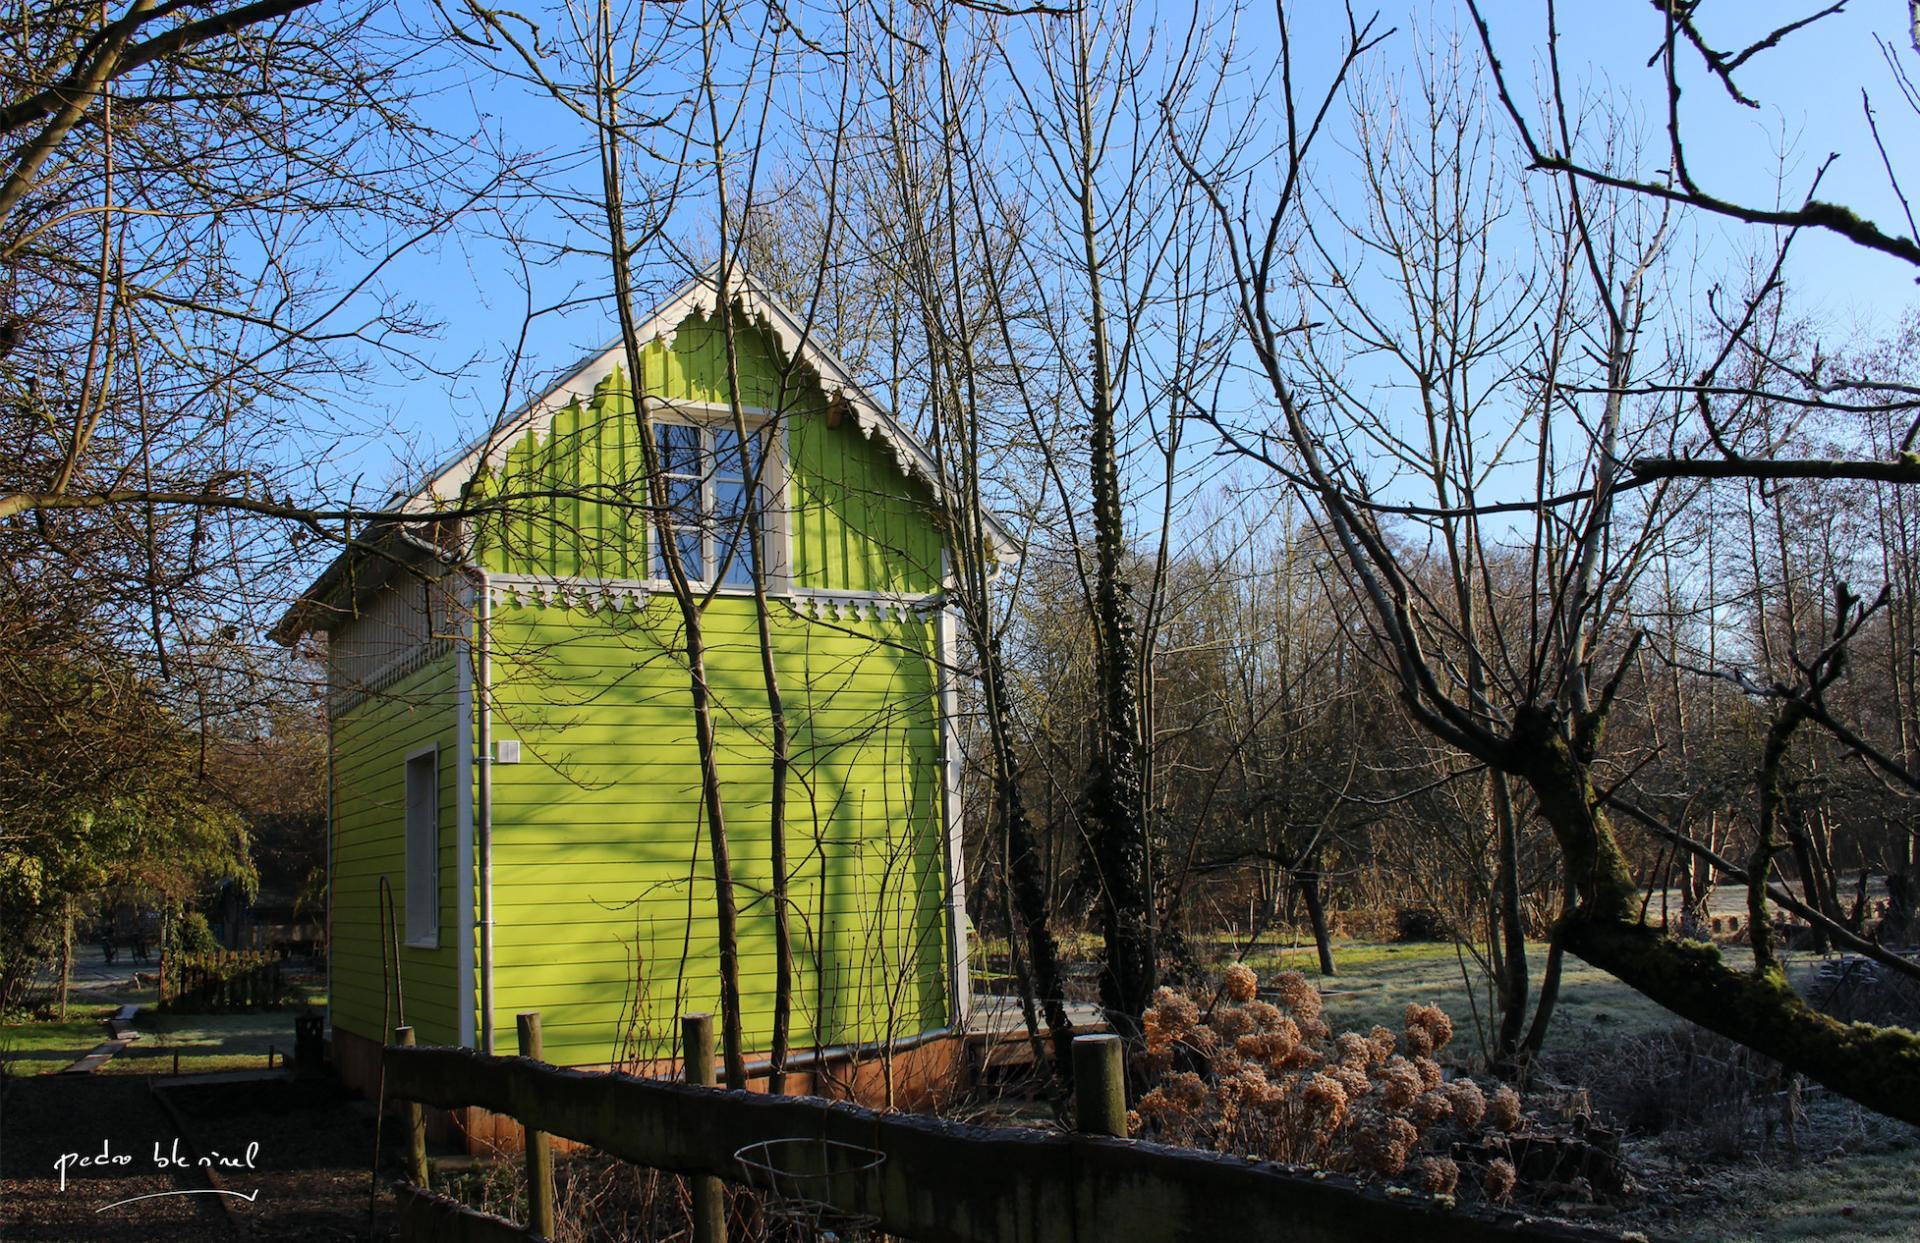 c'est une maison verte